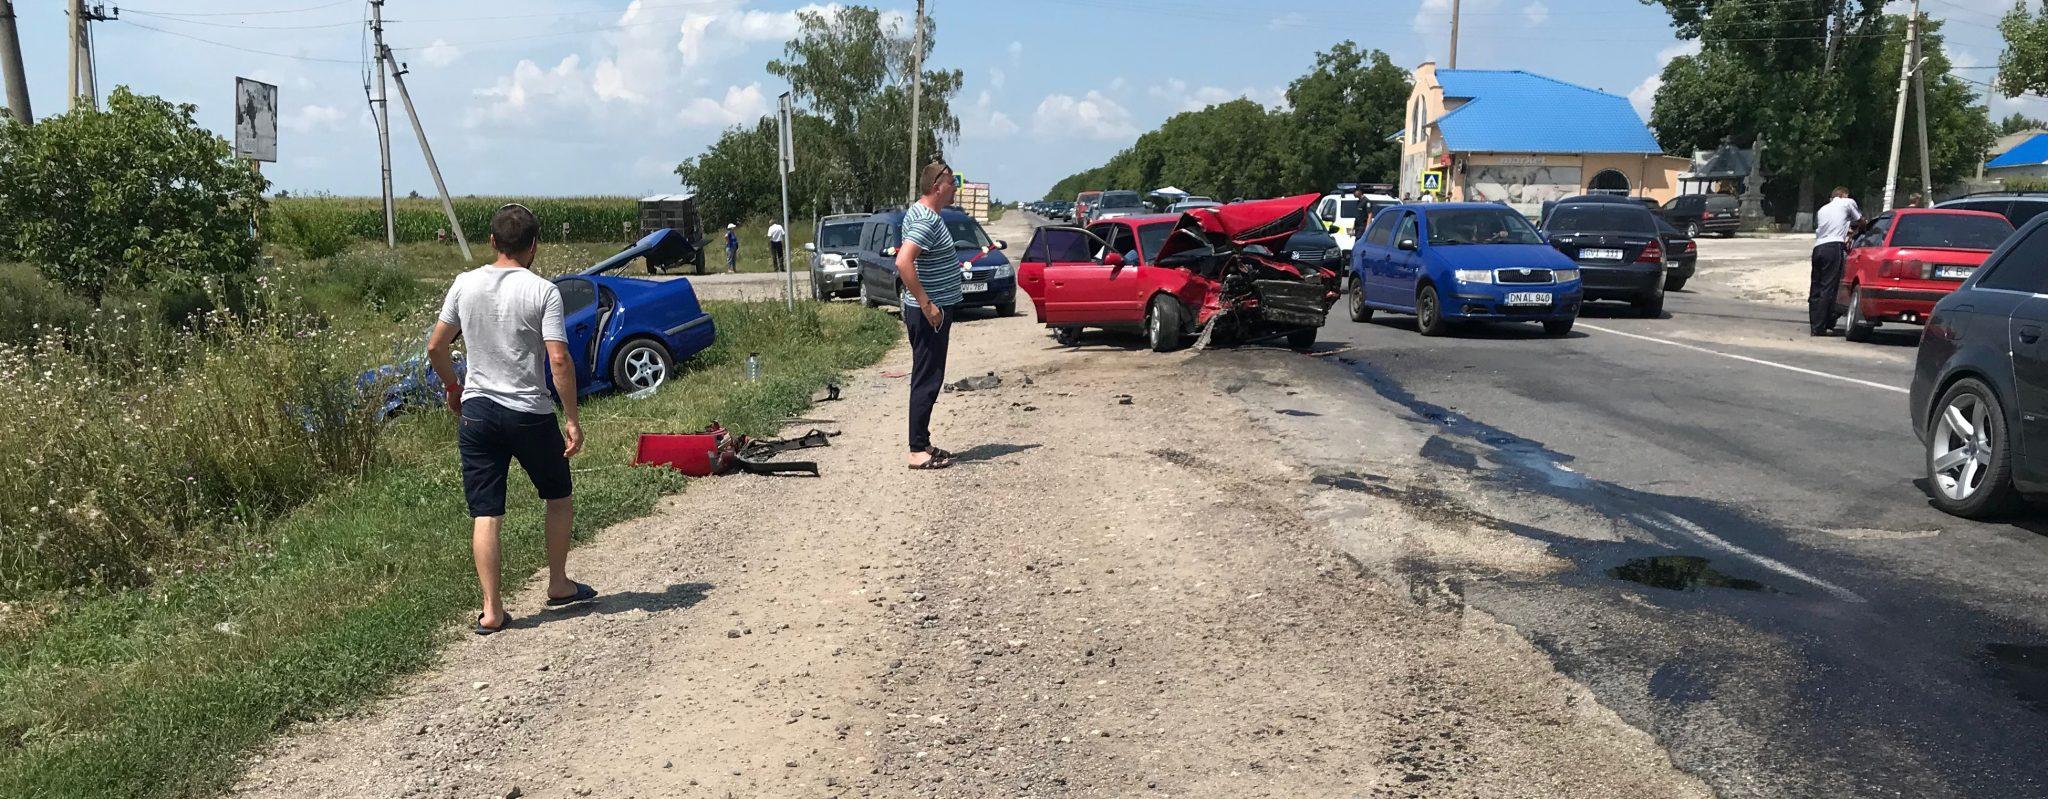 VIDEO | Momentul accidentului în lanț din raionul Rîșcani în care a avut de suferit o persoană